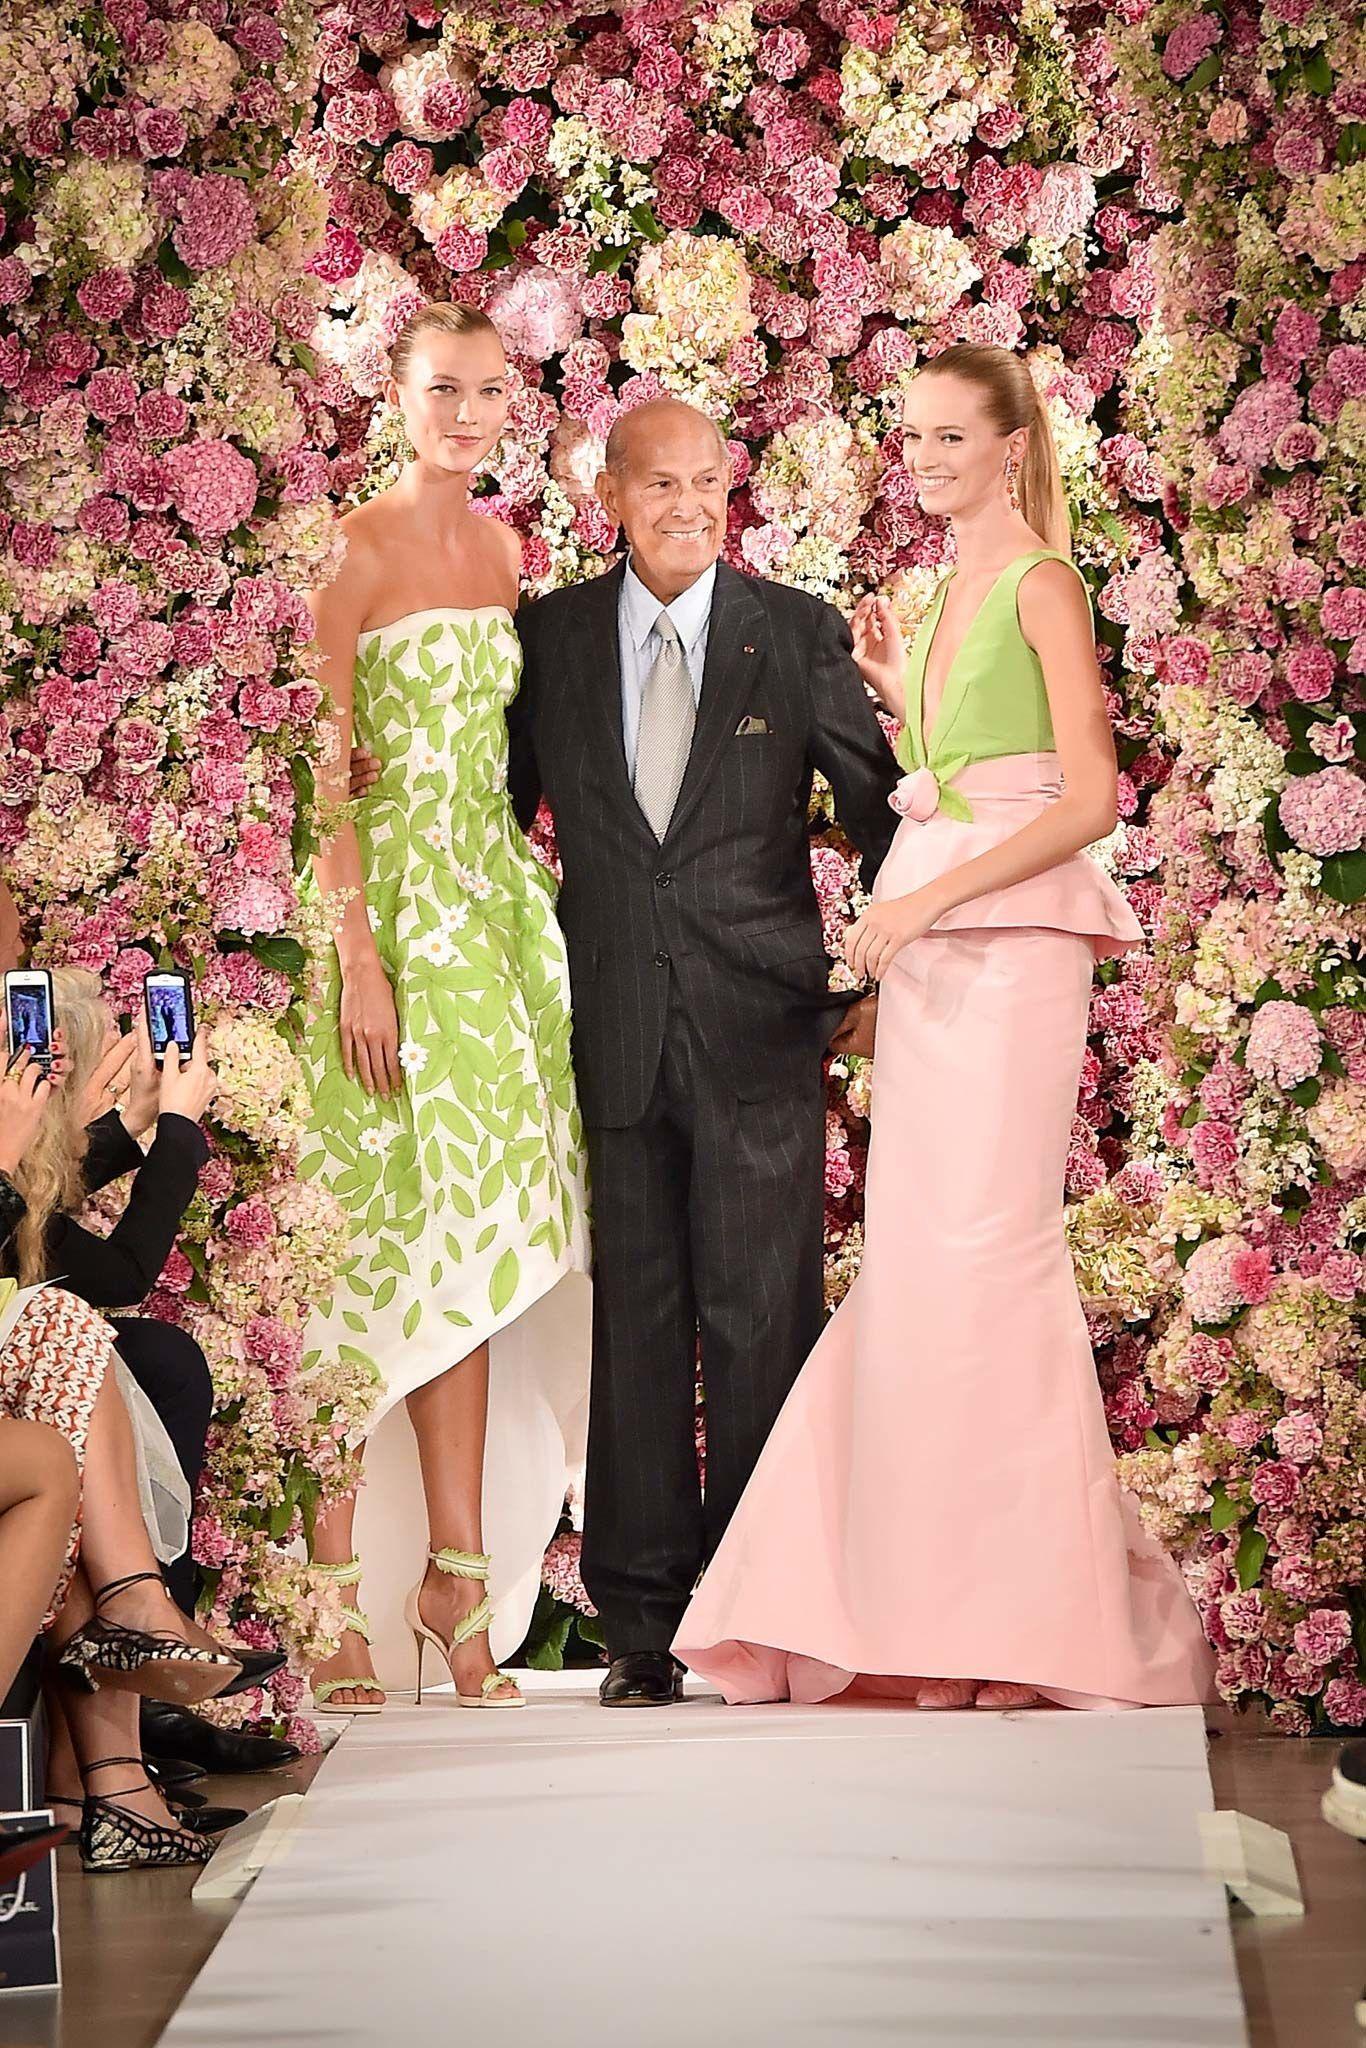 Oscar de la Renta Spring 2015 Ready-to-Wear Fashion Show - Oscar de la Renta